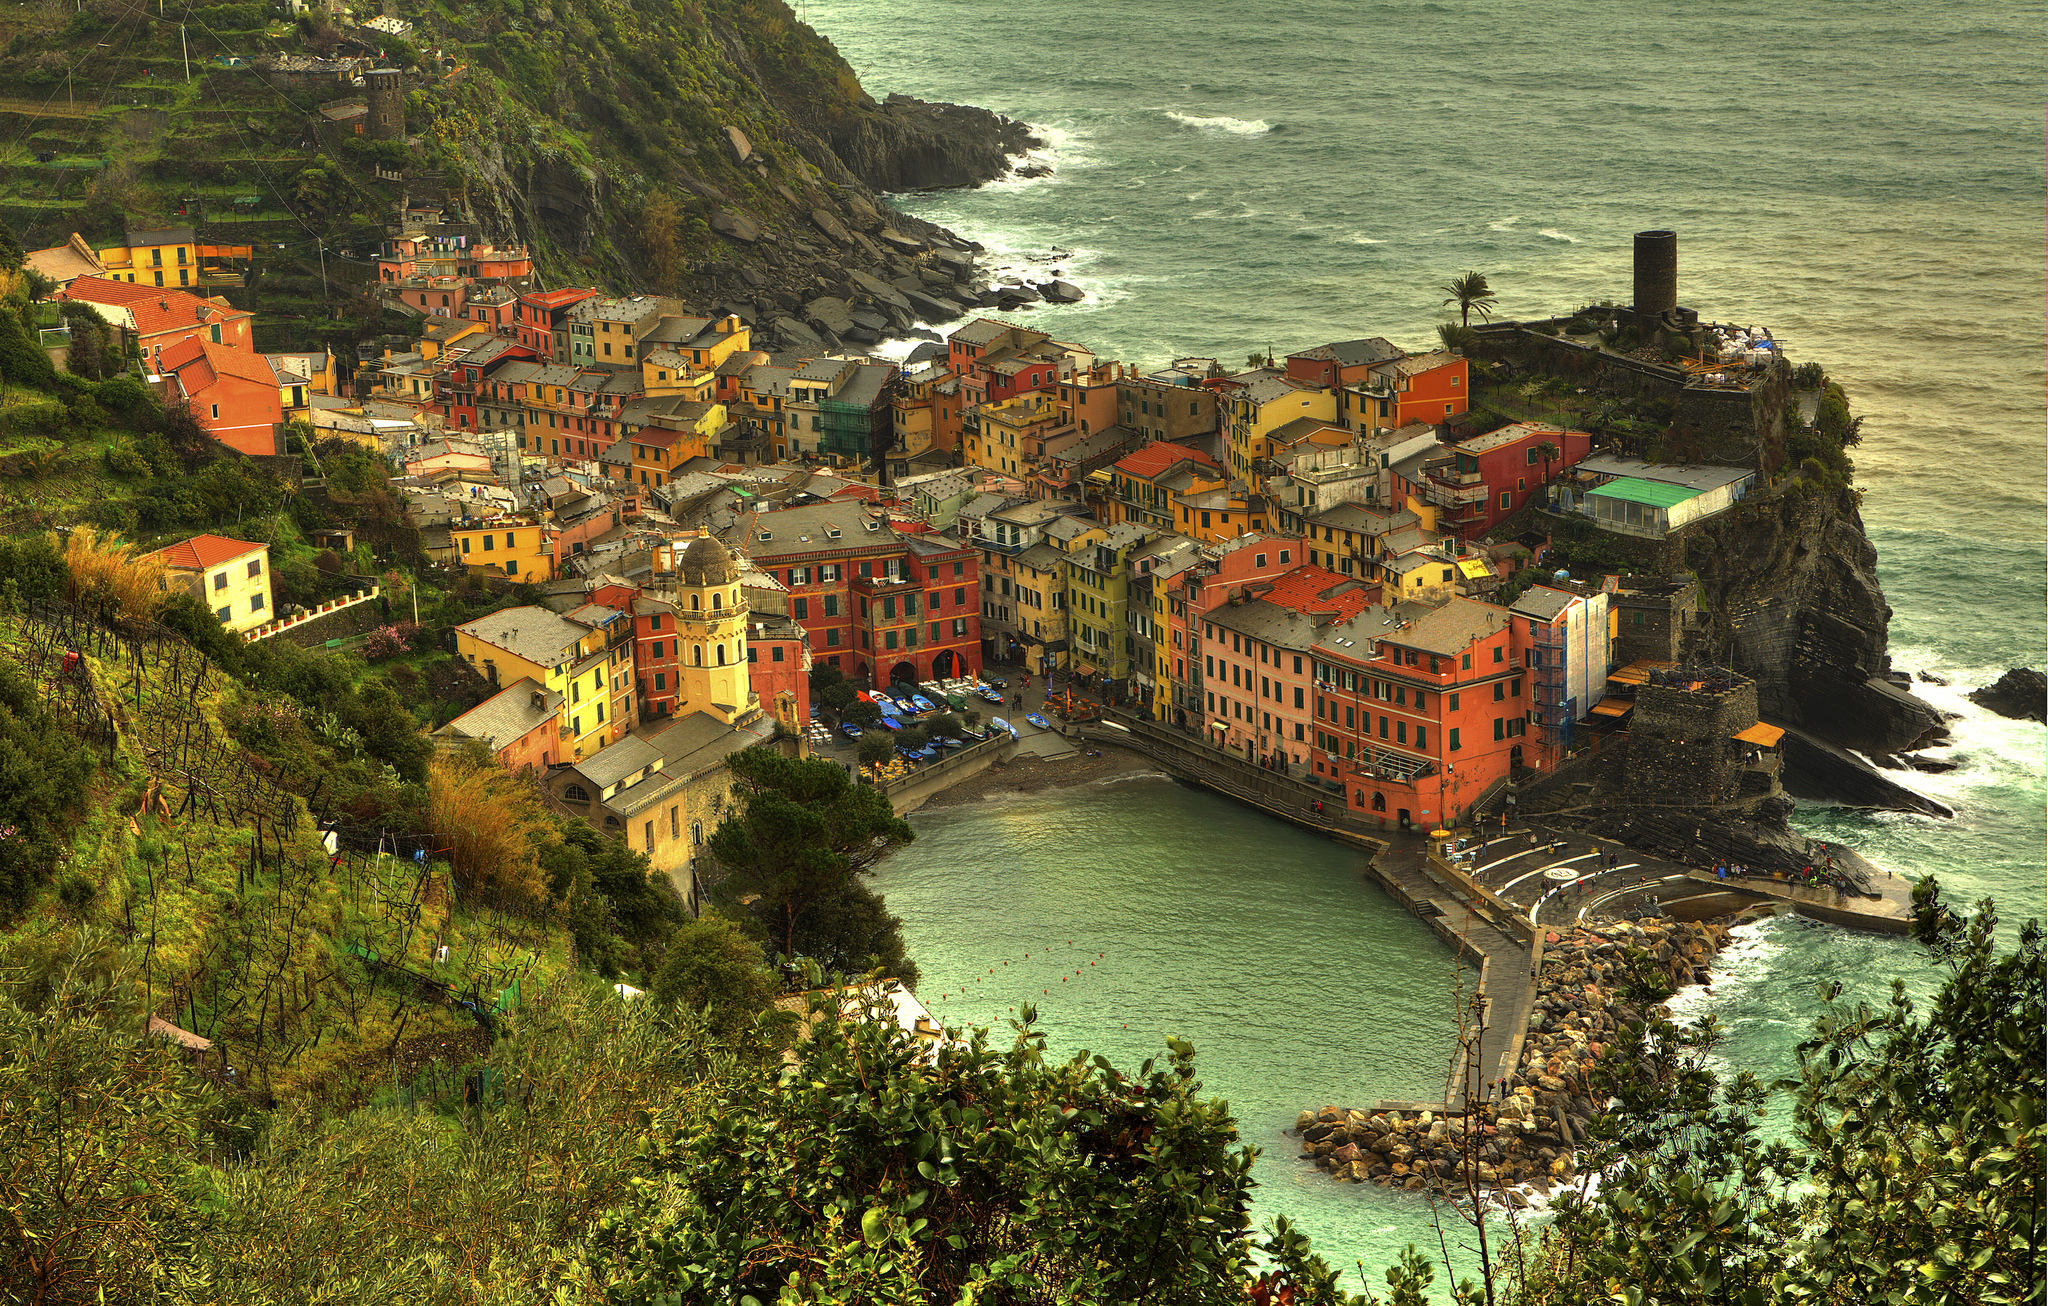 Италия.Страна известная как мировая